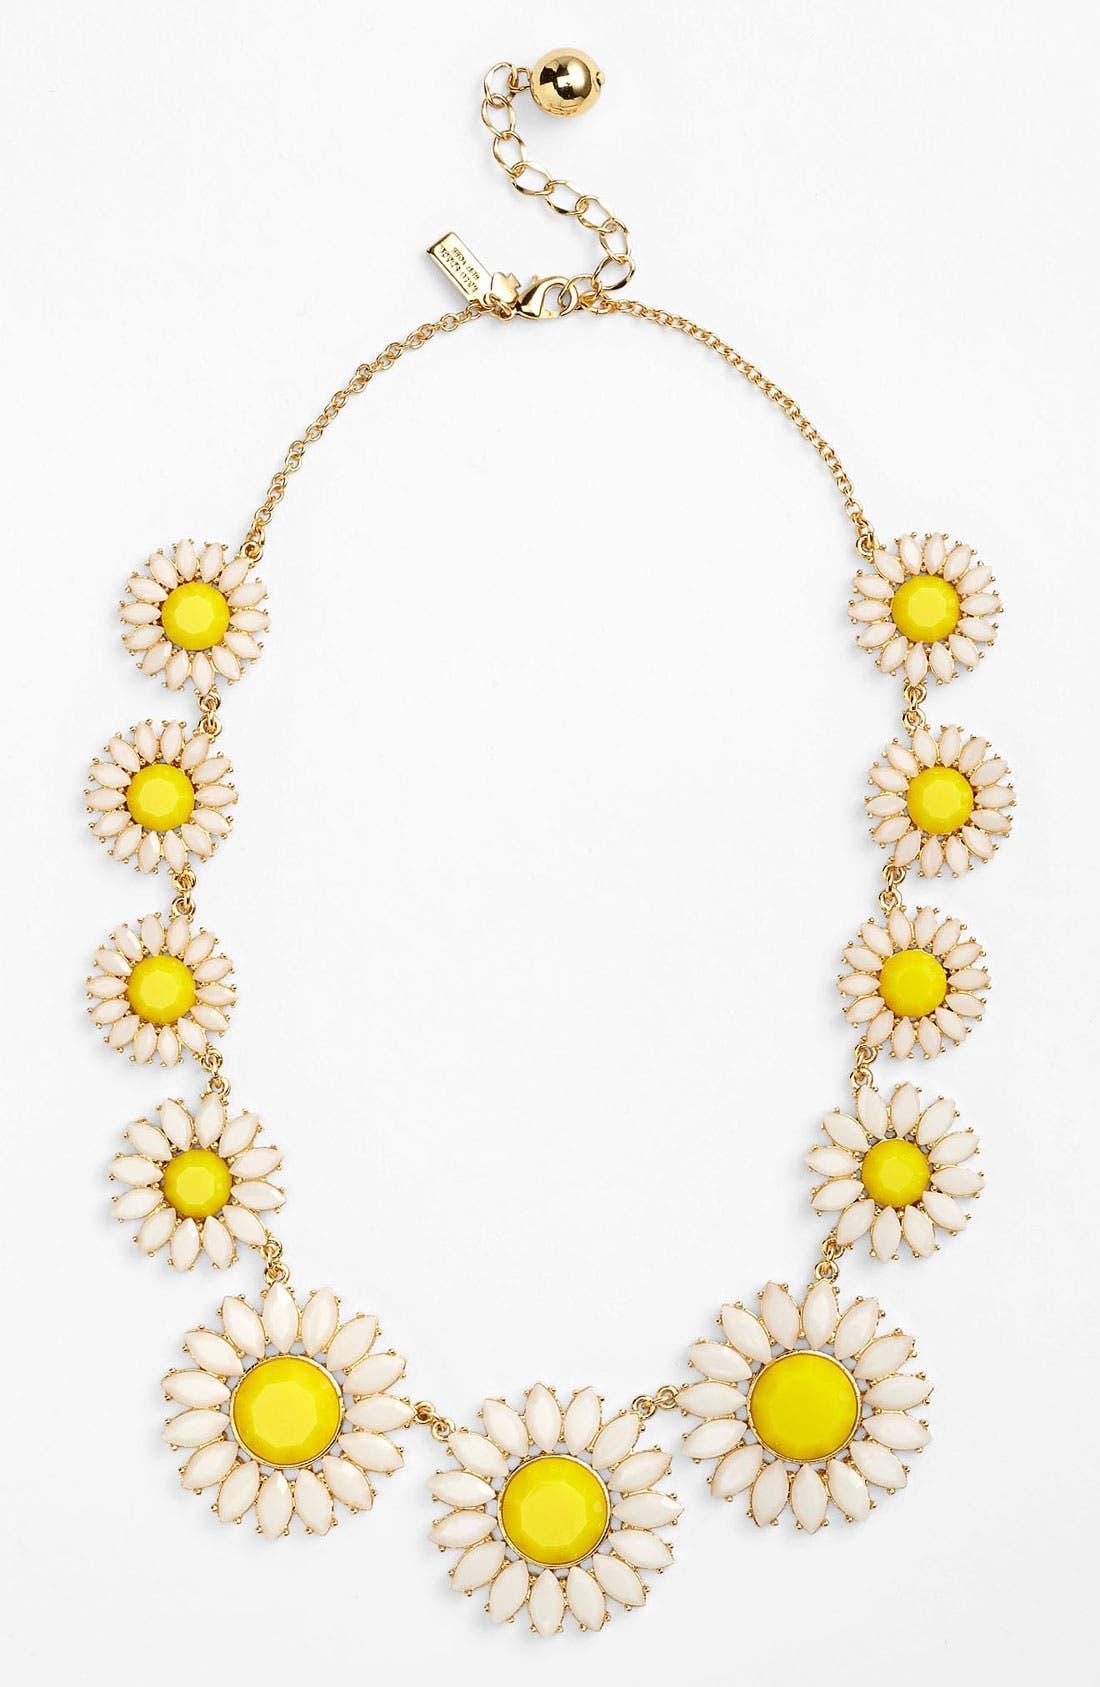 Main Image - kate spade new york 'estate garden' collar necklace